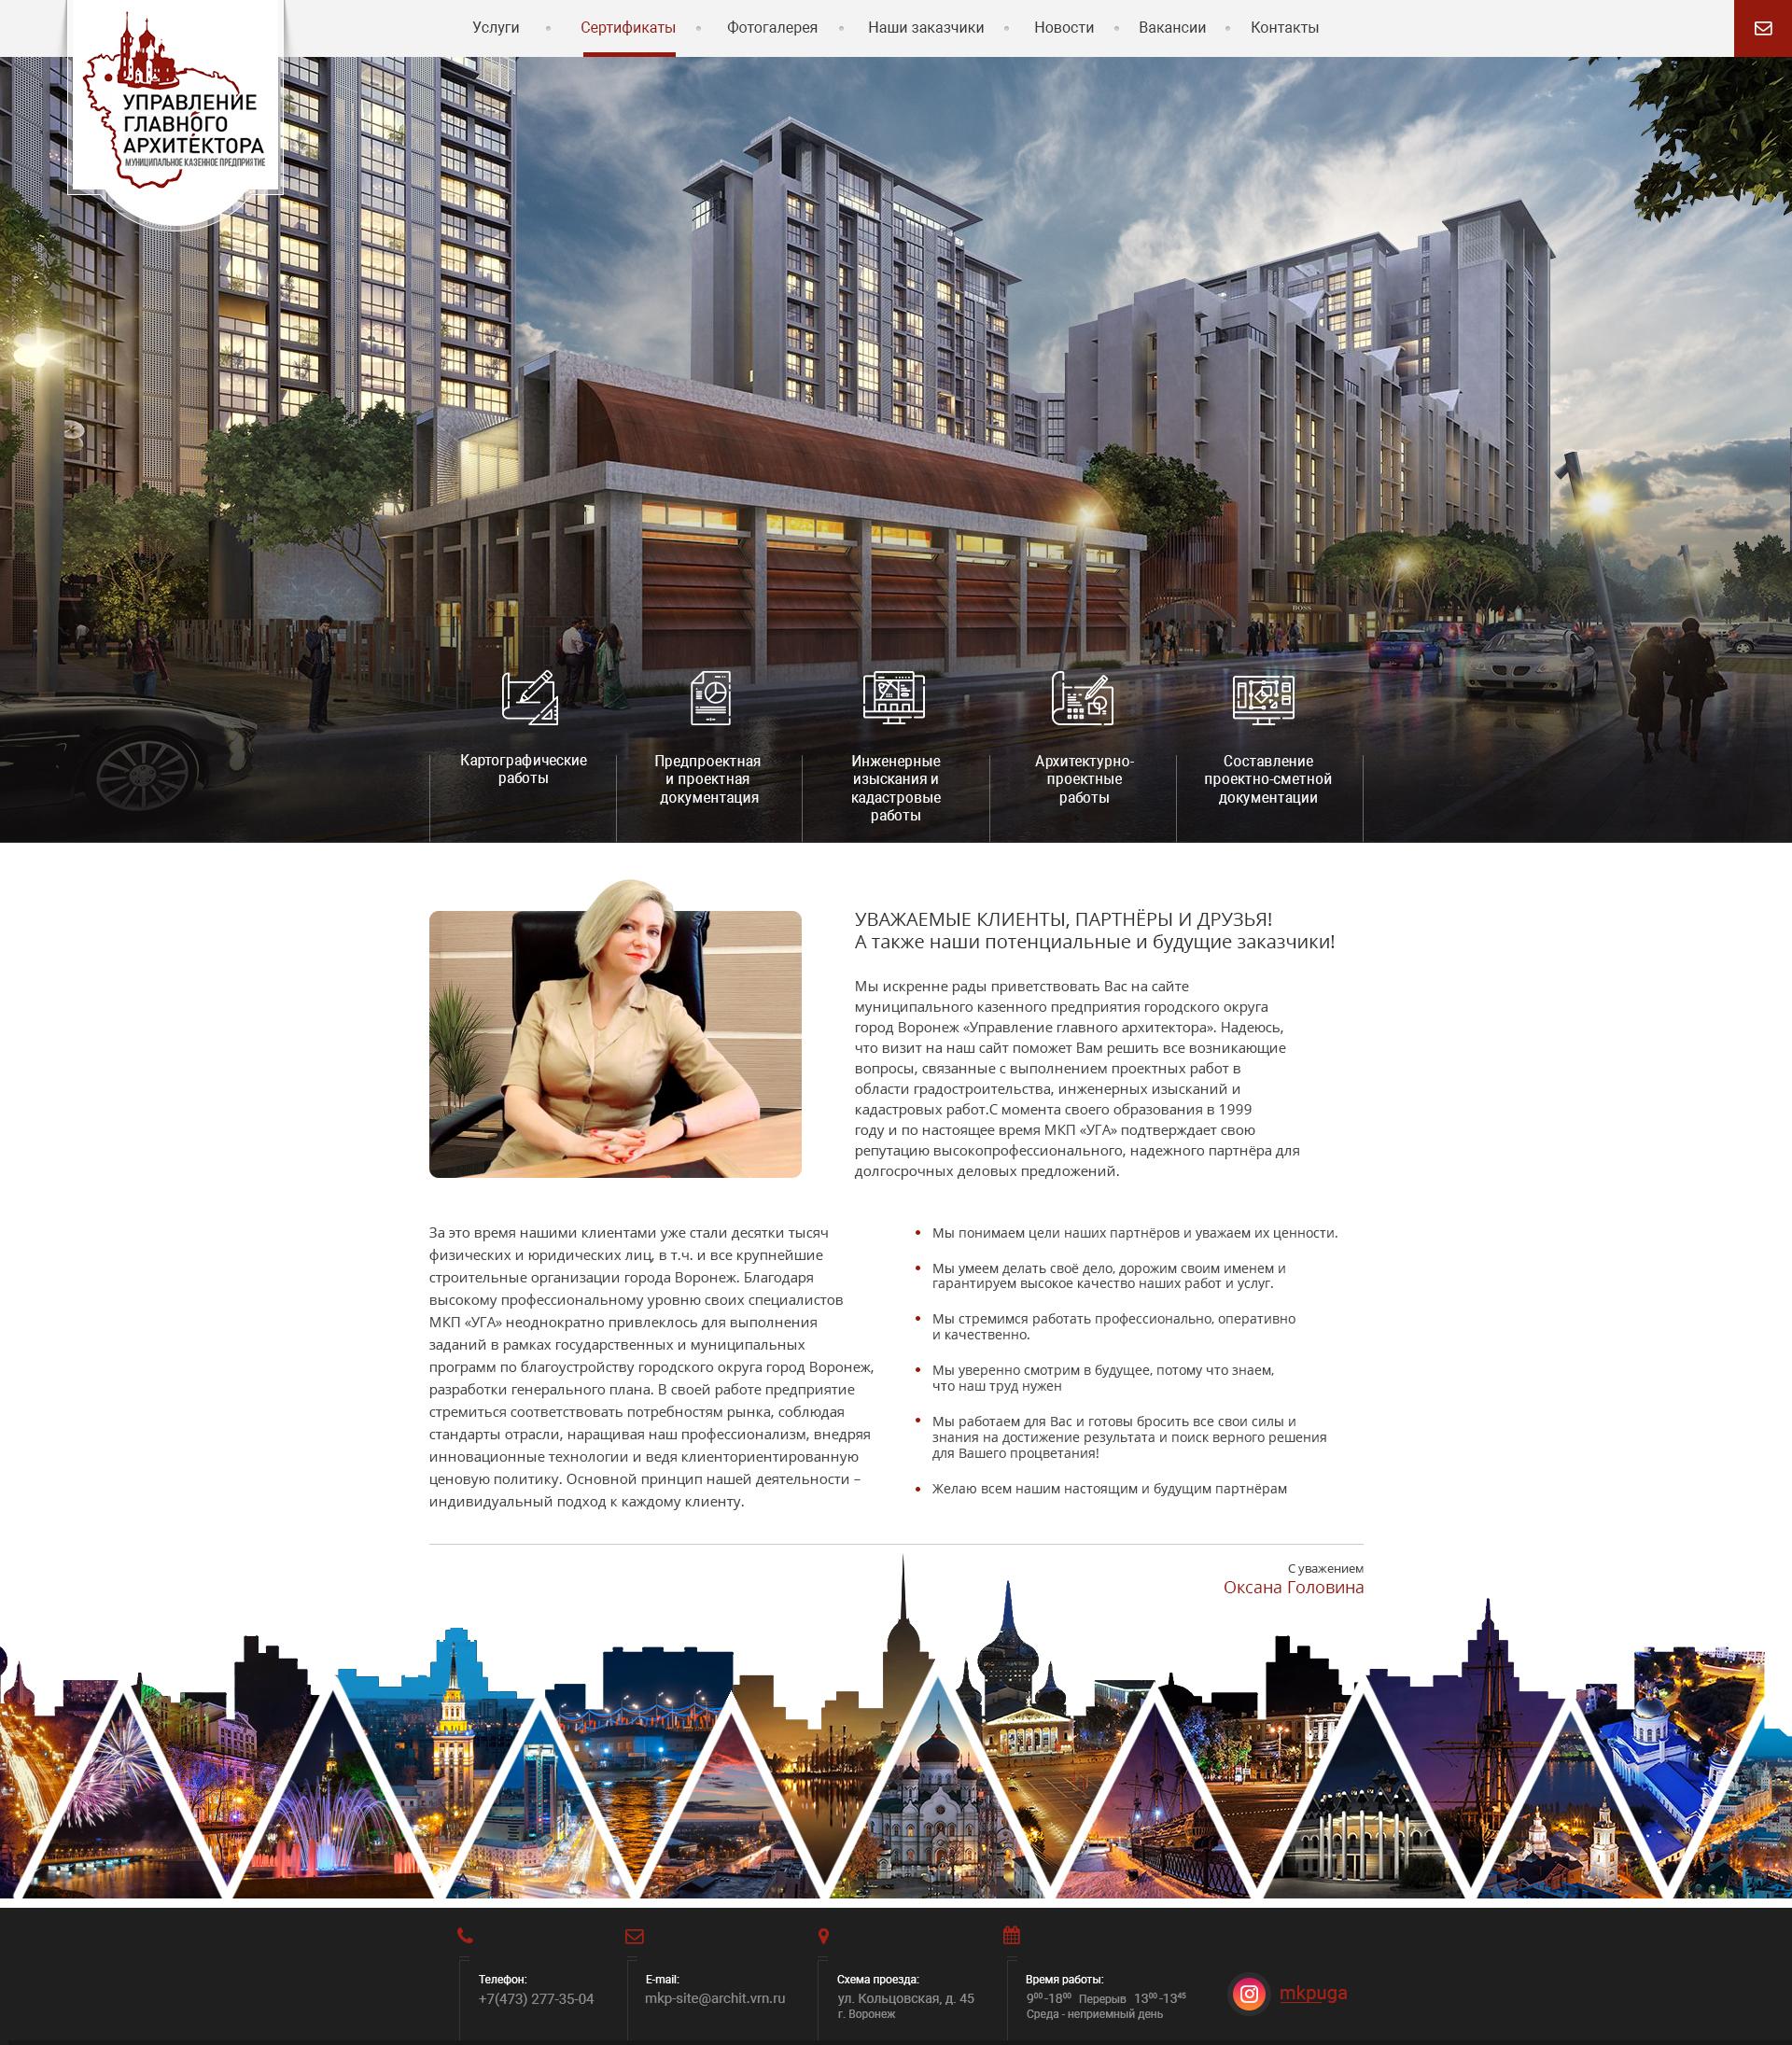 примеры сайтов недвижимость архитектура Управление главного архитектора 1920 px